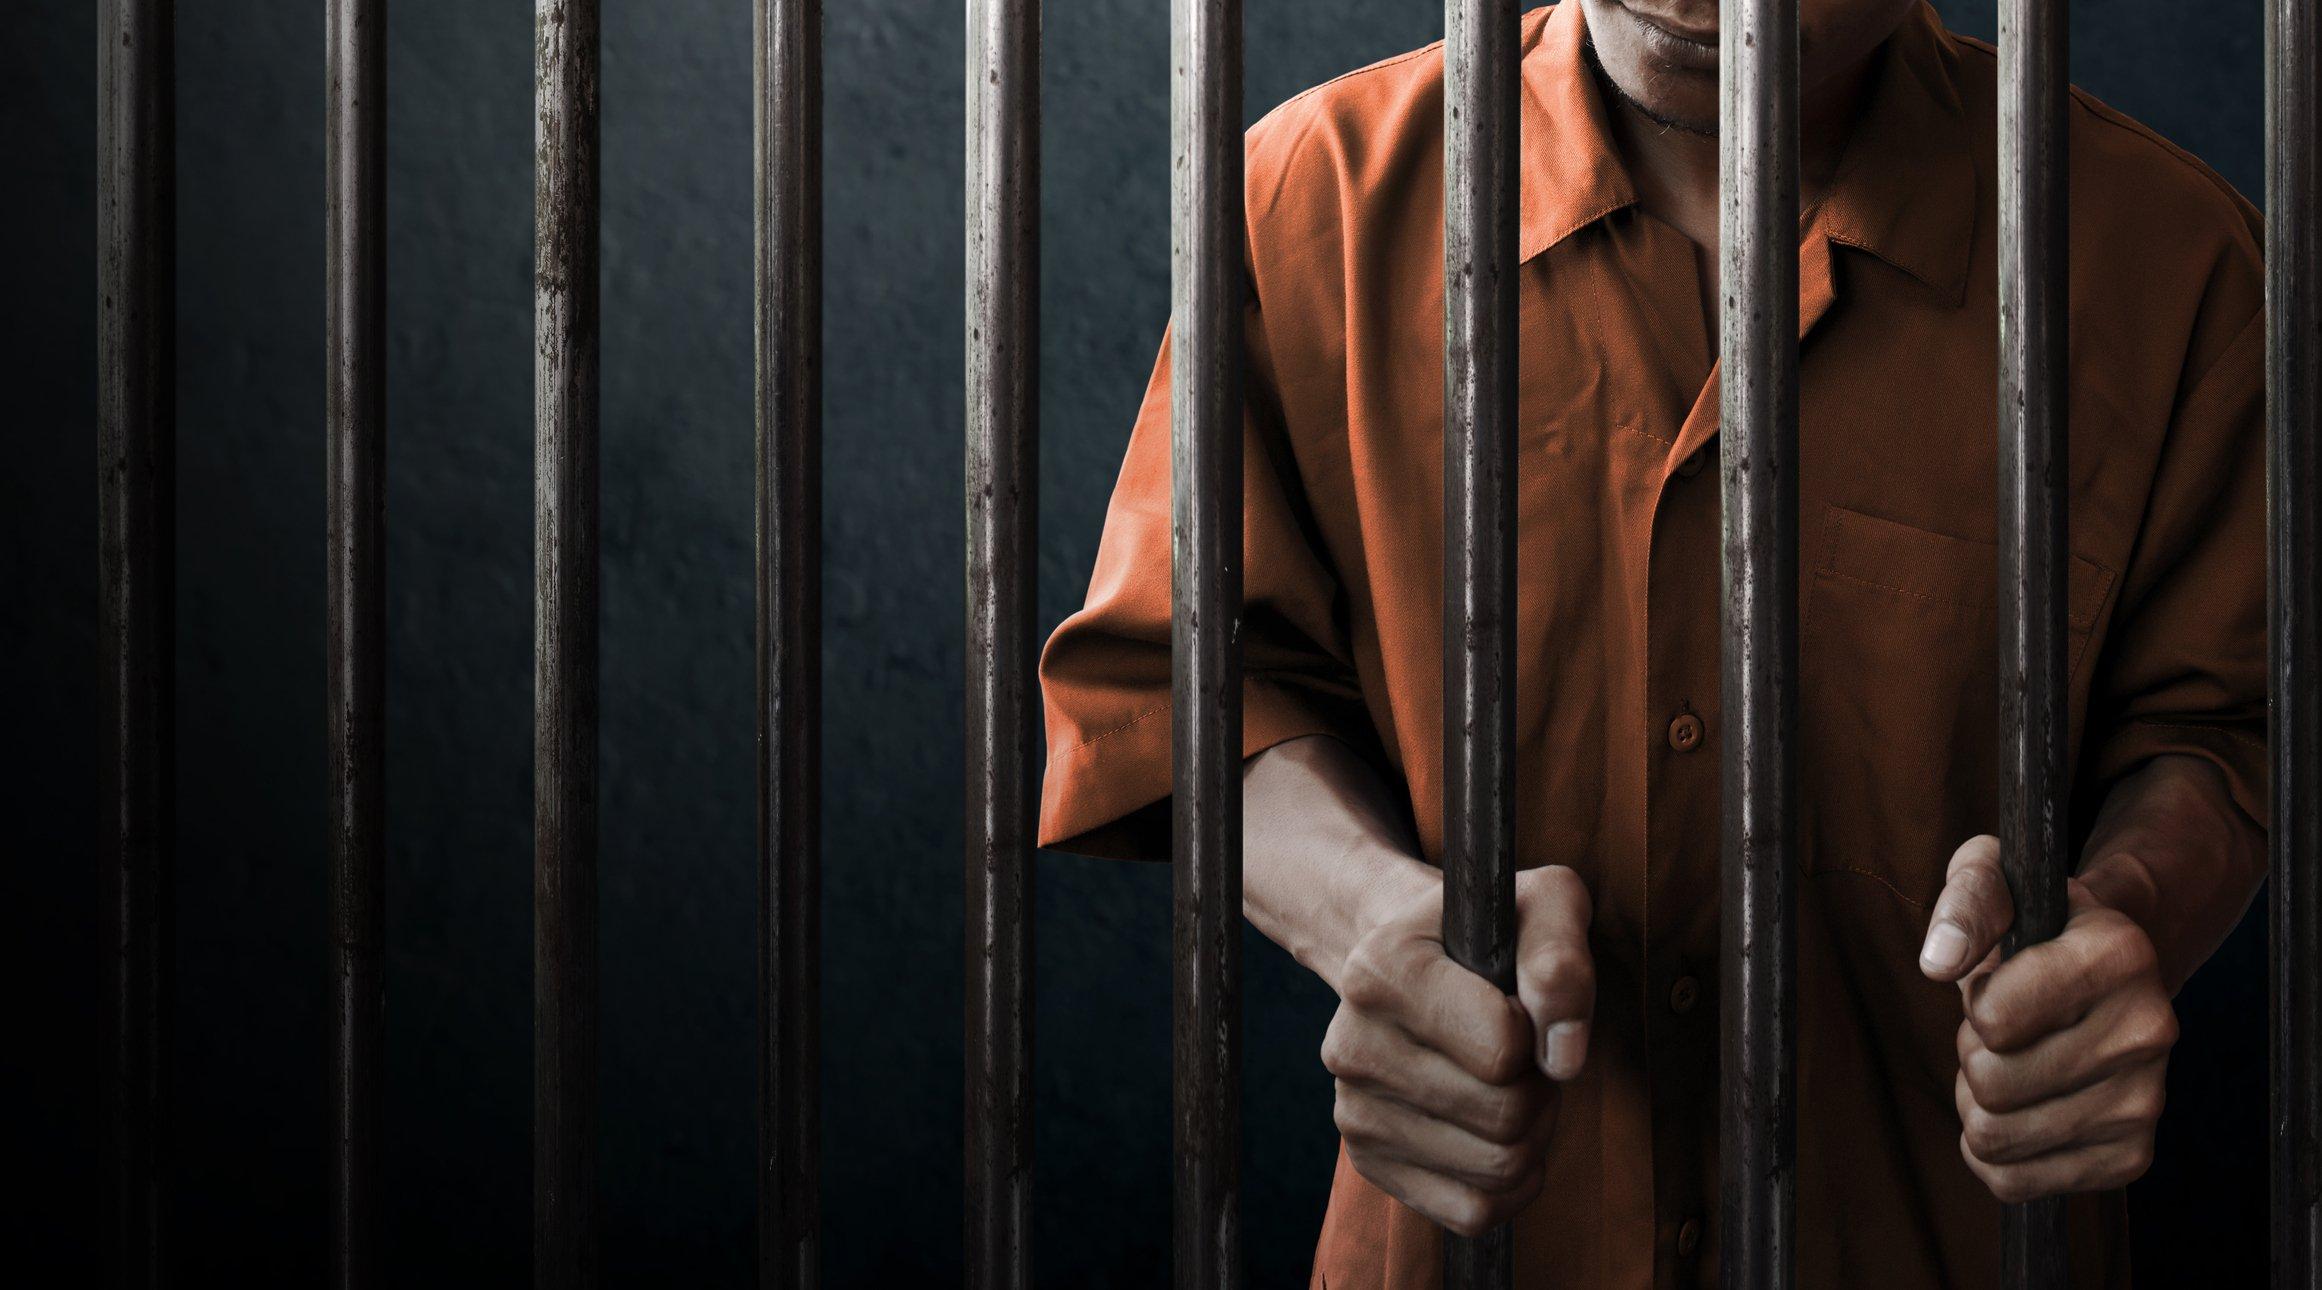 Prisión en Estados Unidos, ¿castigo o reinserción?